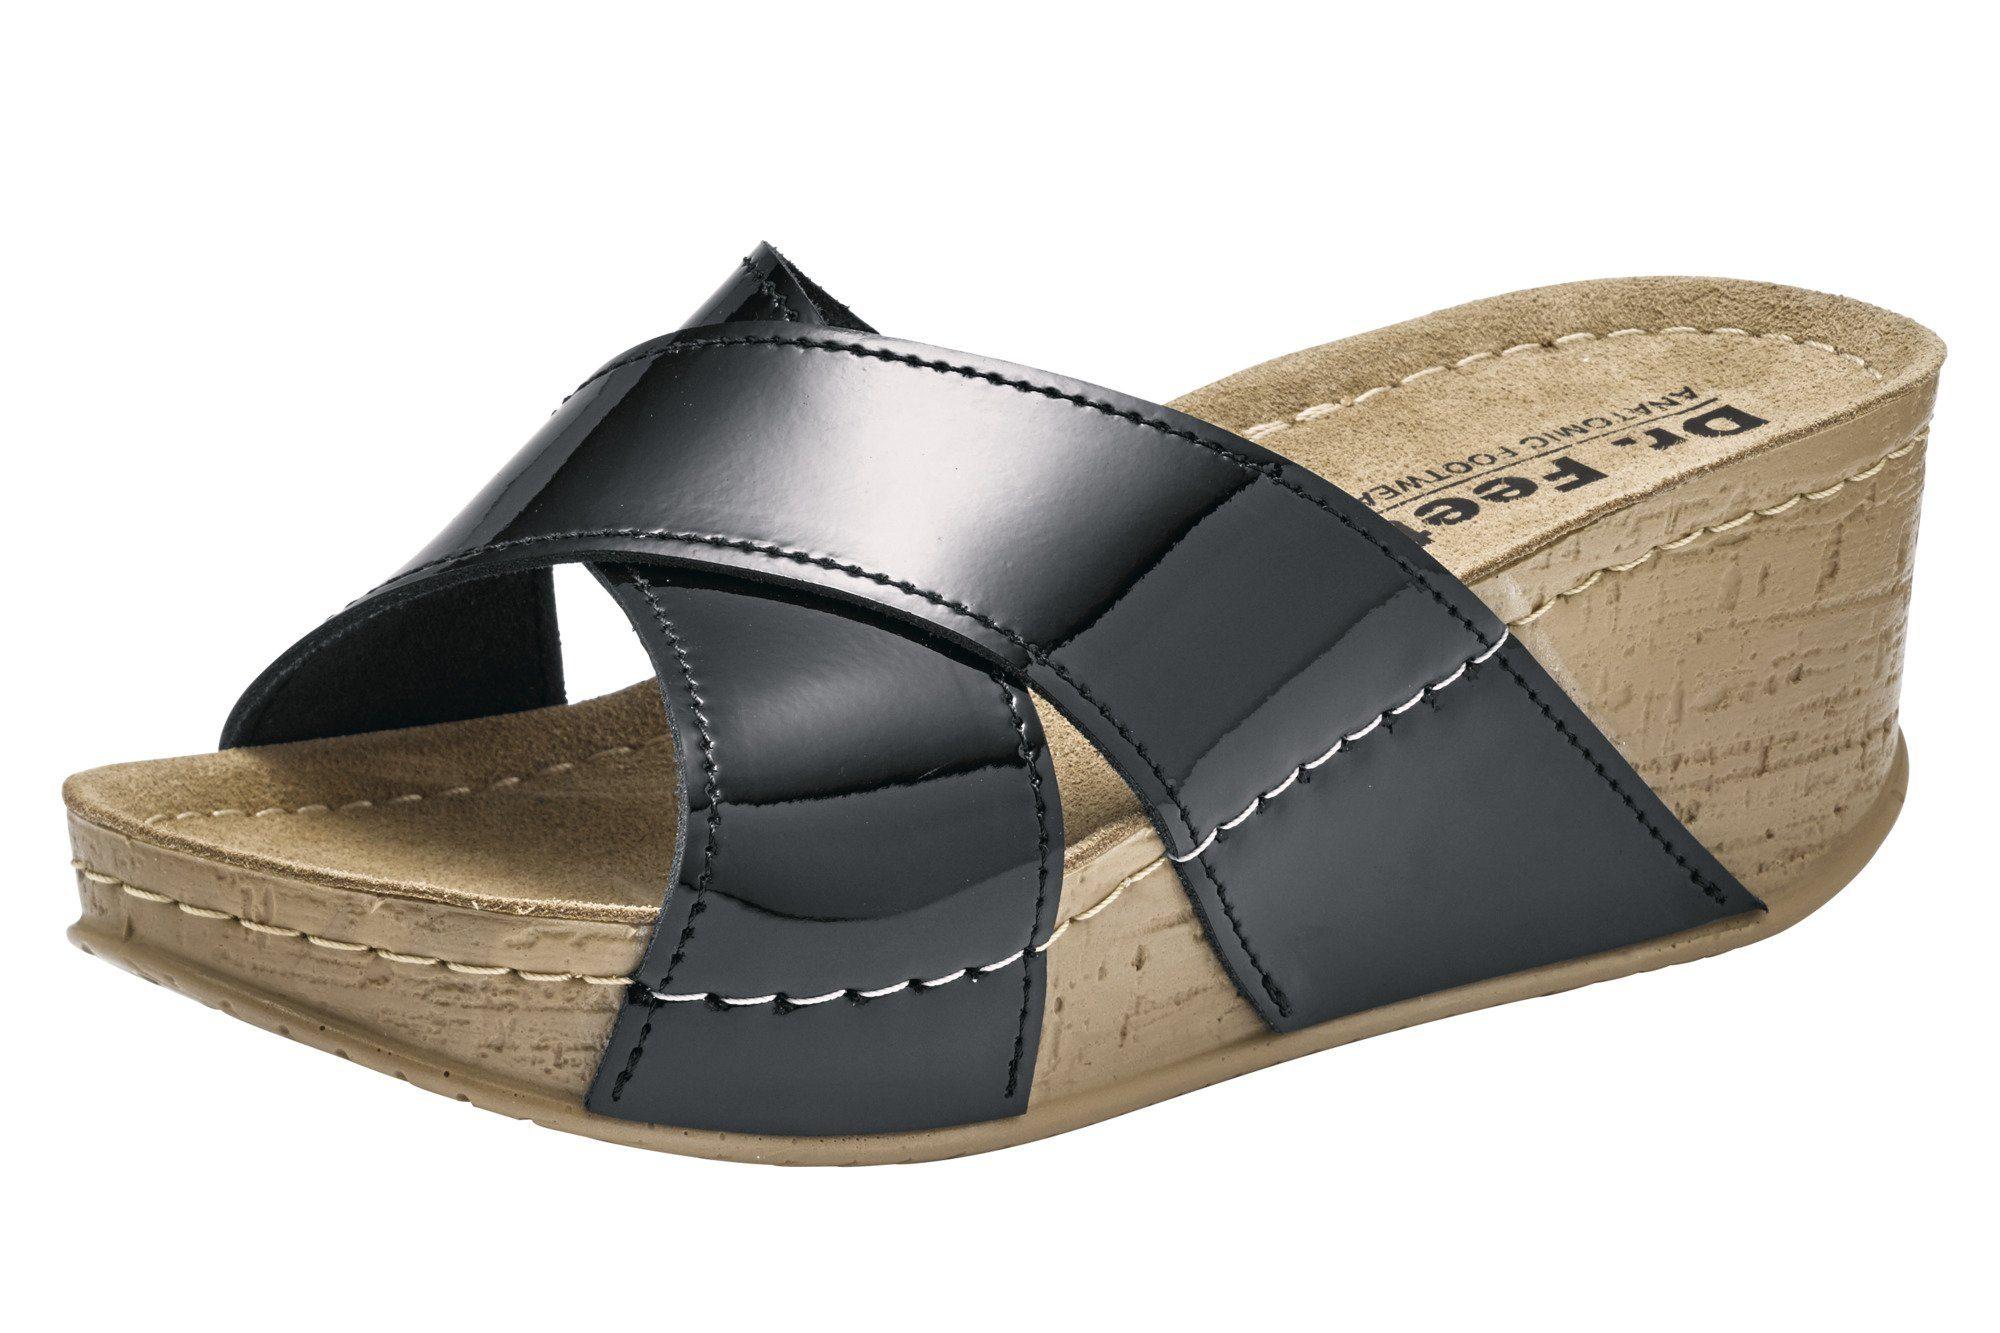 Heine Sandalette mit Plateau Sohle, Aus glänzendem Rind Lackleder online kaufen | OTTO